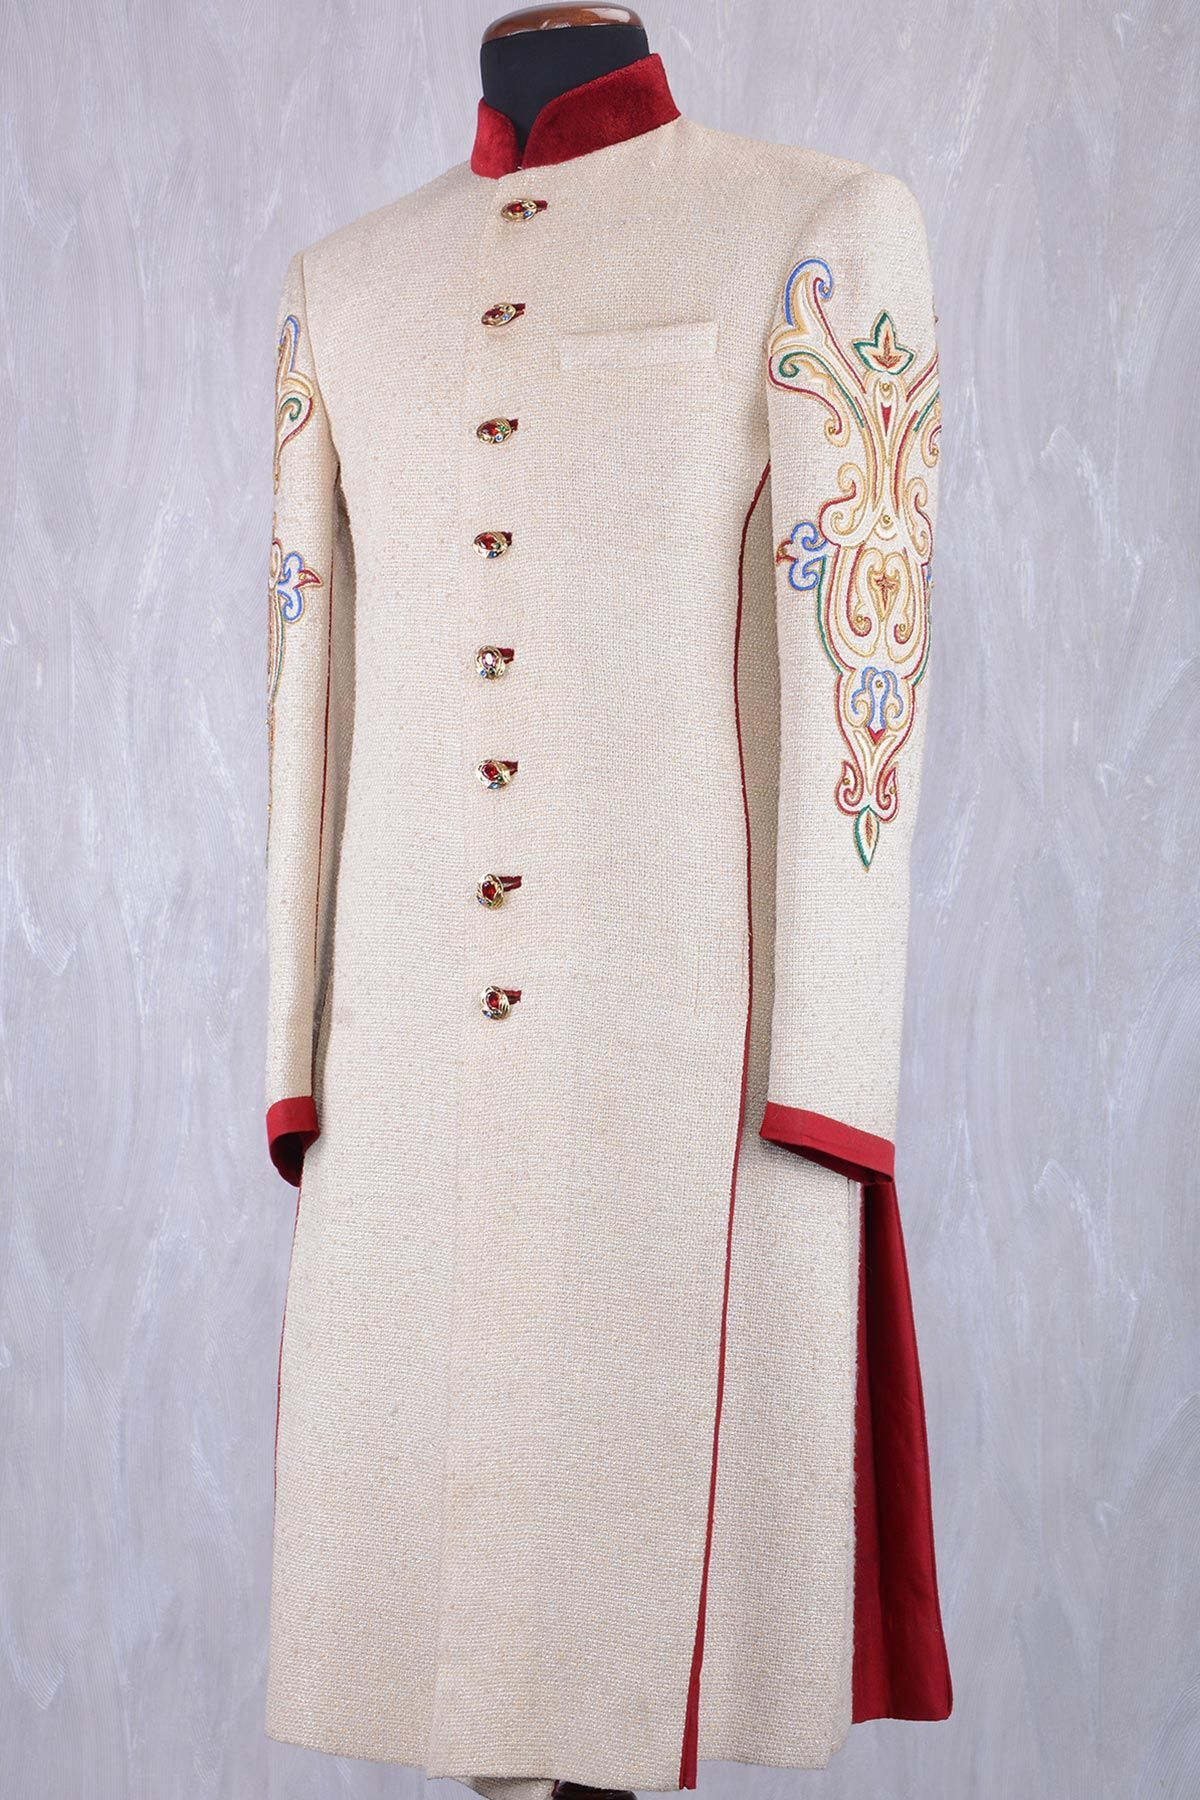 Off white u maroon jute stone embroidered wedding sherwanish